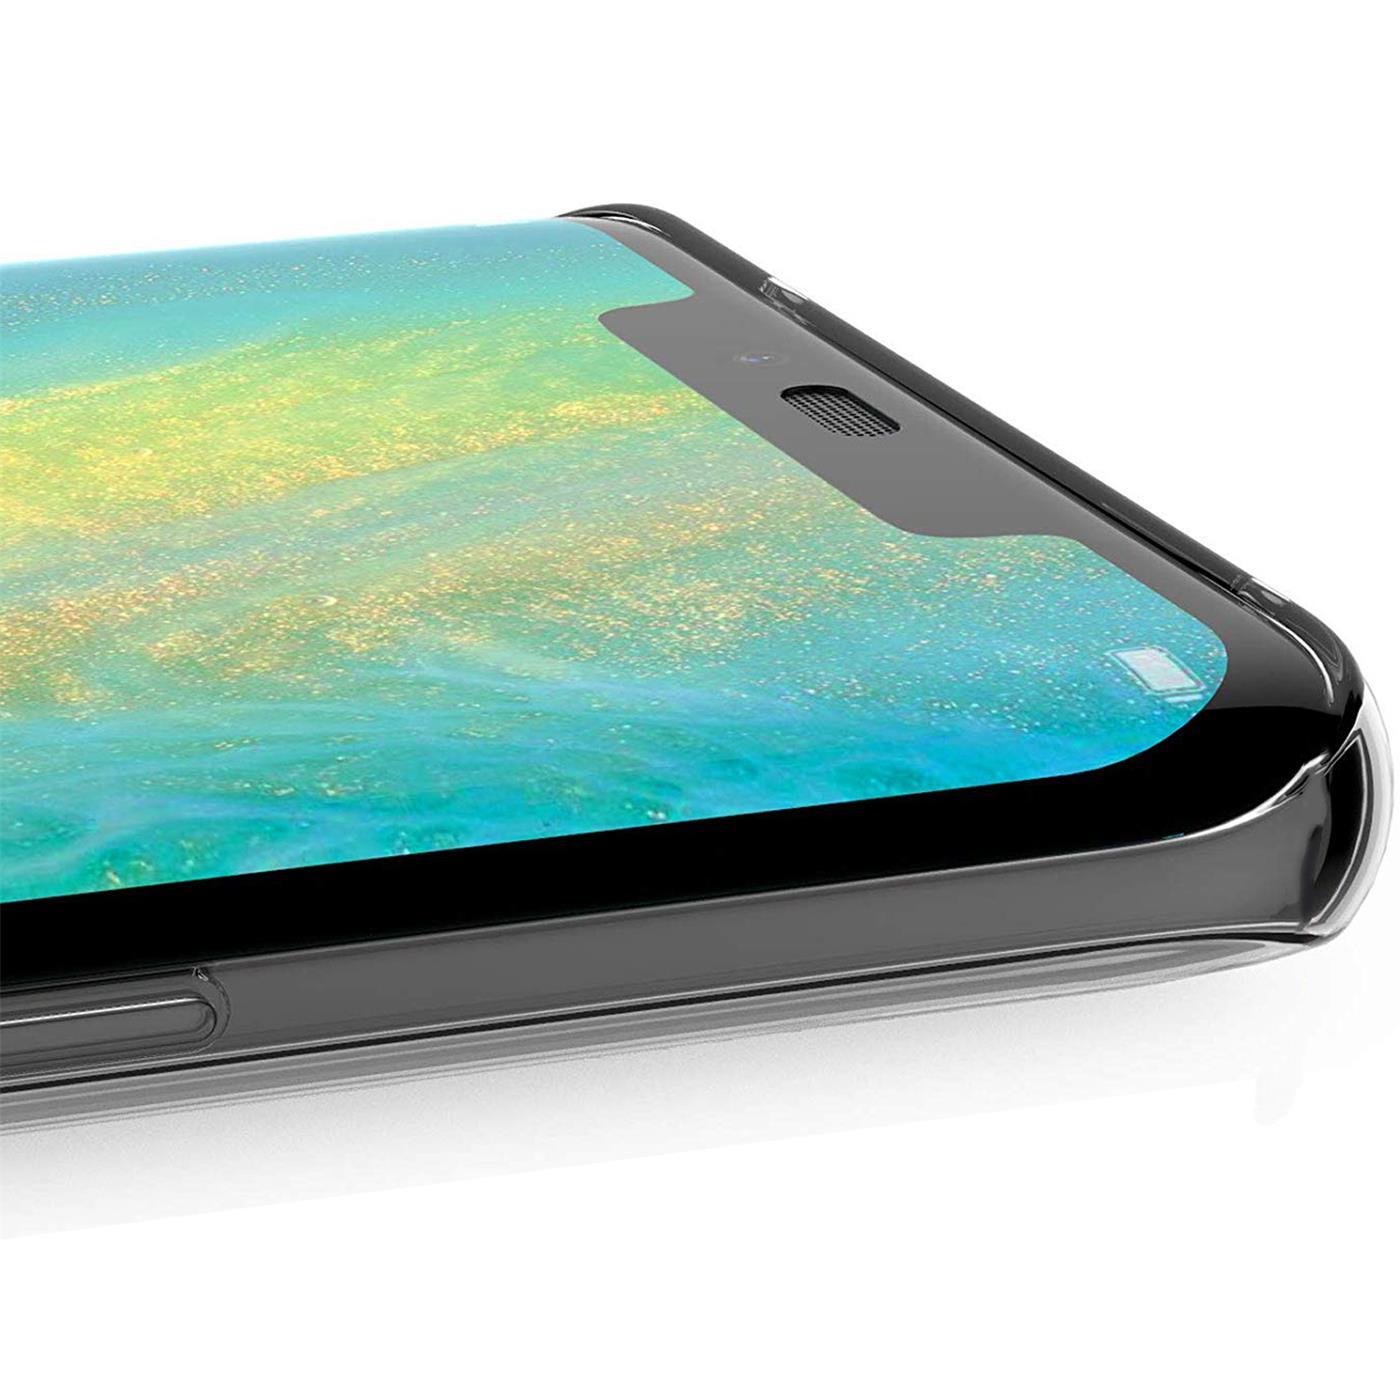 Huawei-P30-Lite-Motiv-Handy-Huelle-Silikon-Tasche-Schutzhuelle-Cover-Slim-TPU-Case Indexbild 42